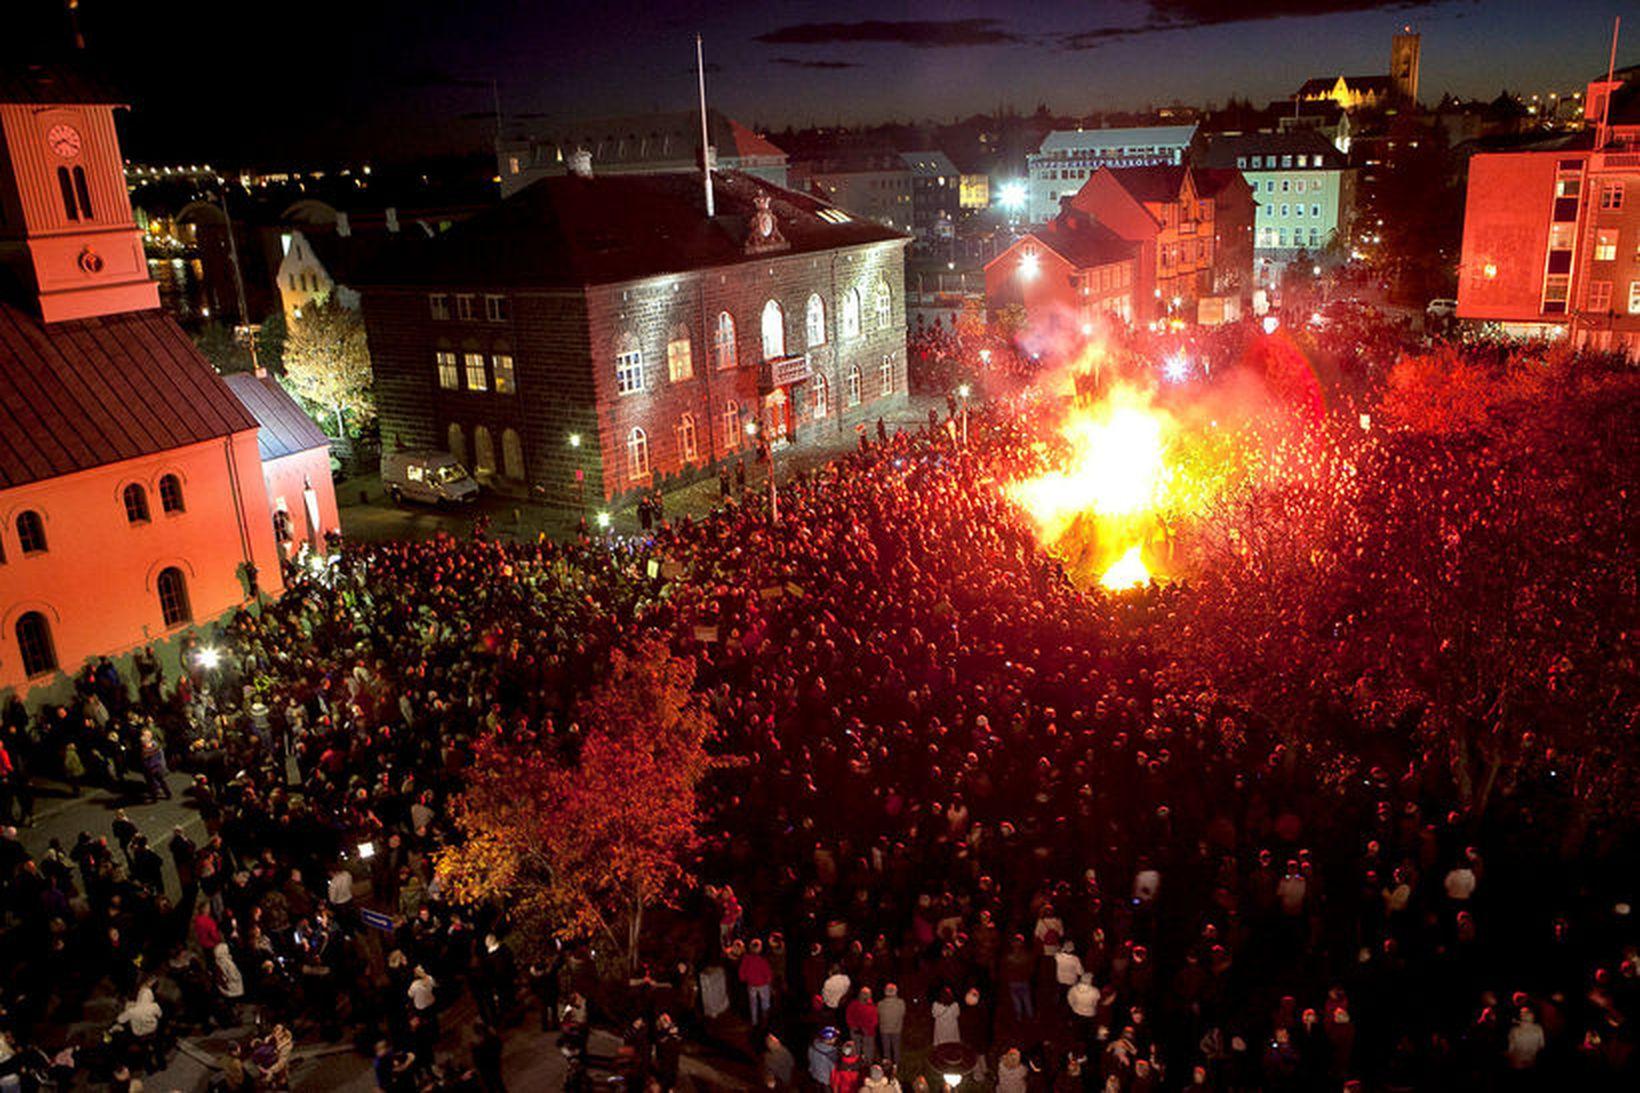 Þúsundir manna komu saman á Austurvelli haustið 2010. Skuldamálin voru …